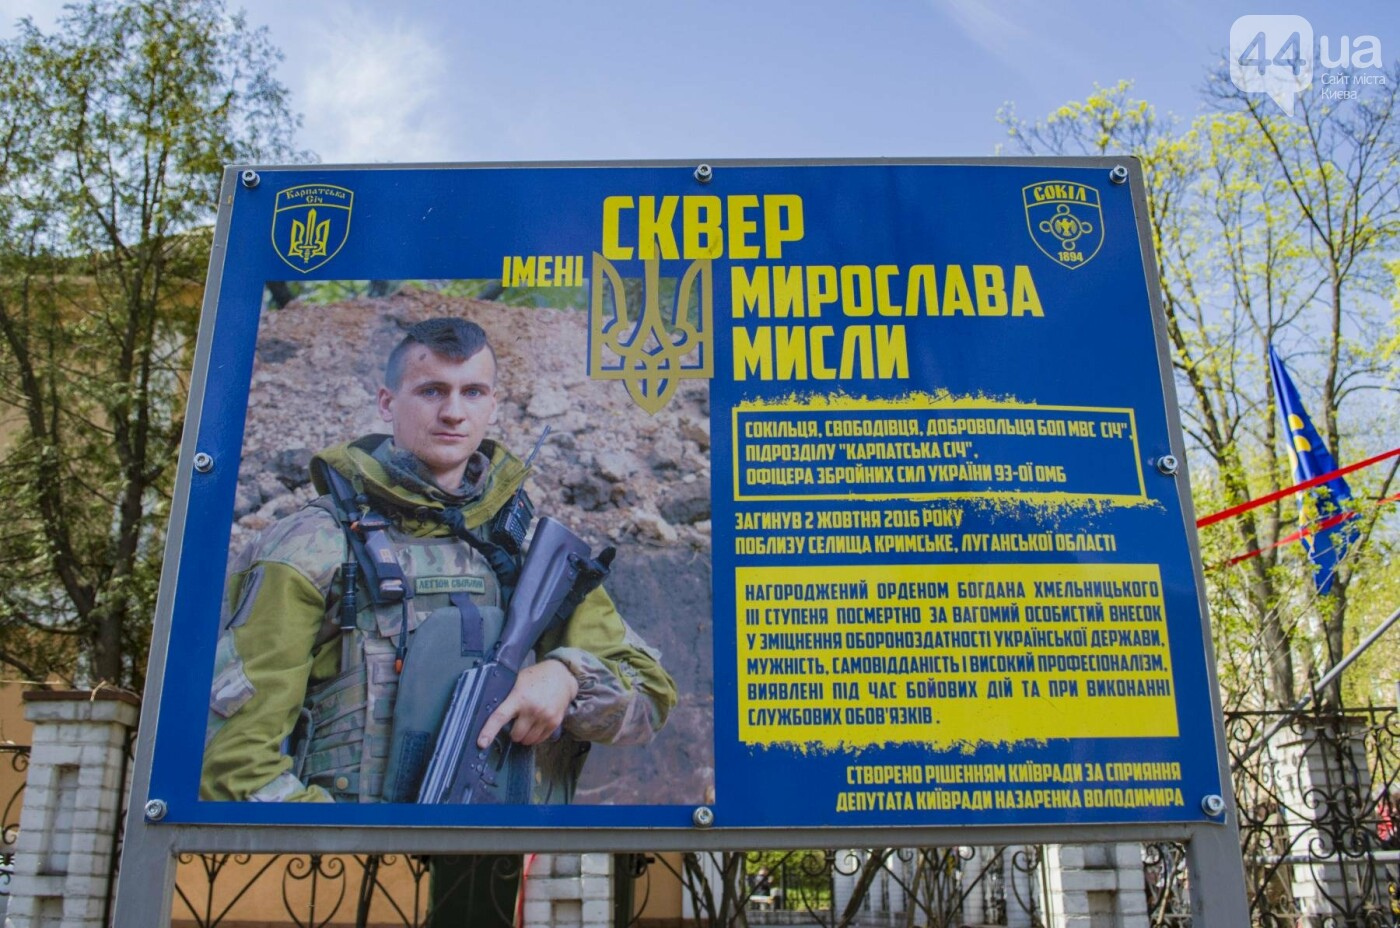 В Киеве открыли памятник погибшему бойцу АТО, фото-1